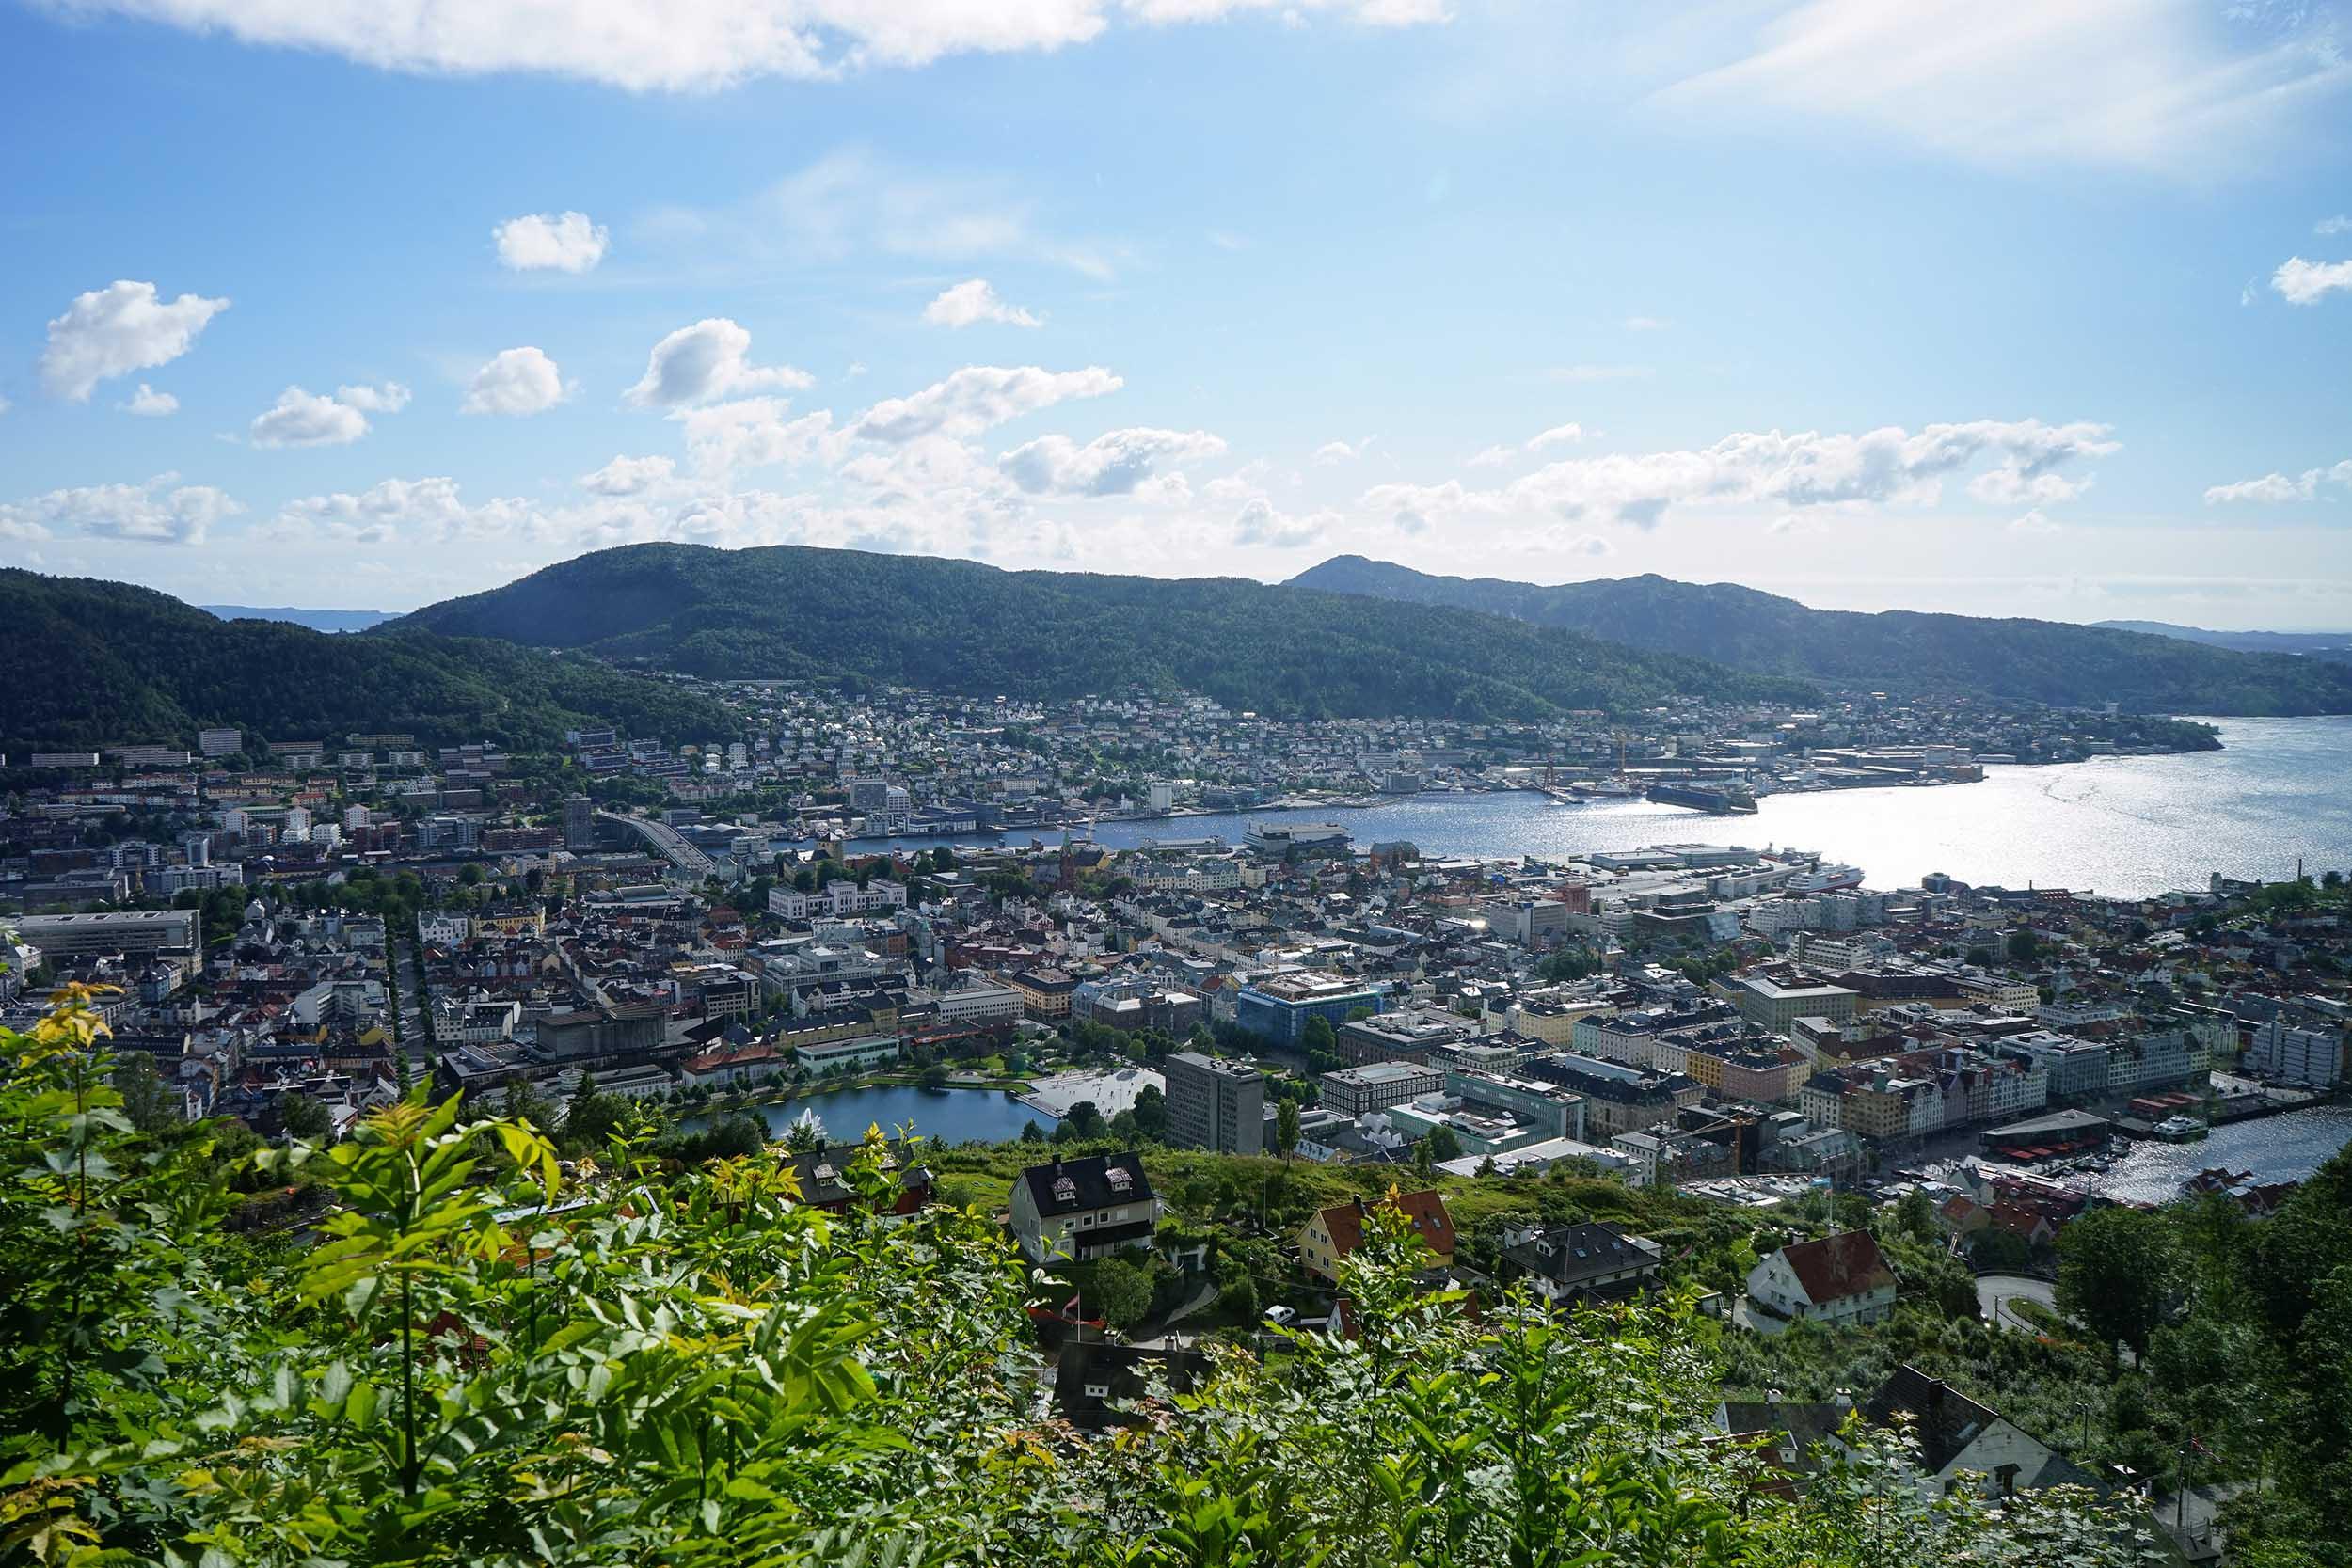 山上的觀景台可以眺望整個城市明媚的風光。有人發現老天大發慈悲,天空放晴了嗎?